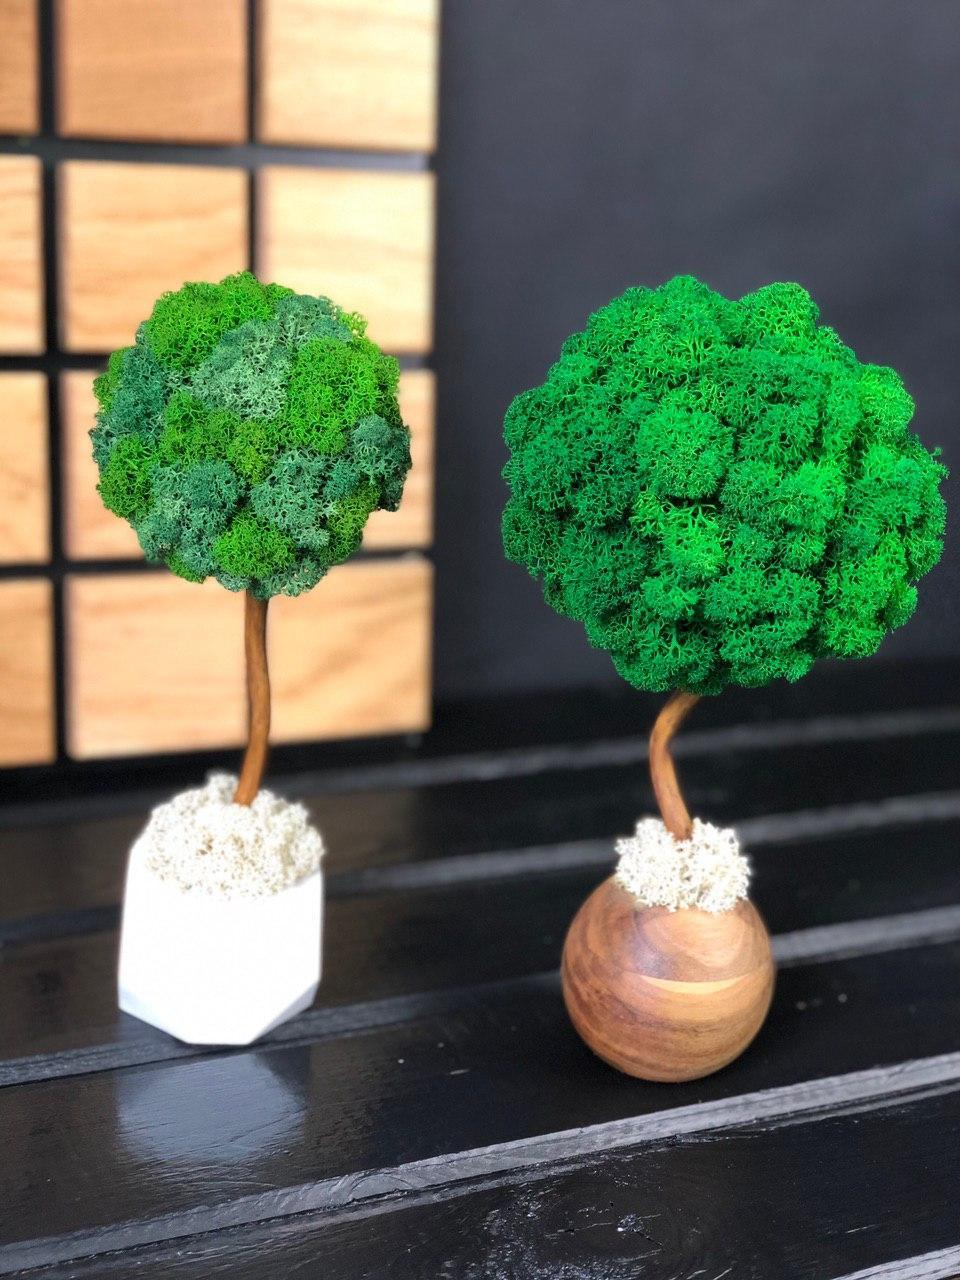 Декоративное Дерево из стабилизированного мха 25 см. Декор дома офиса Оригинальный корпоративный